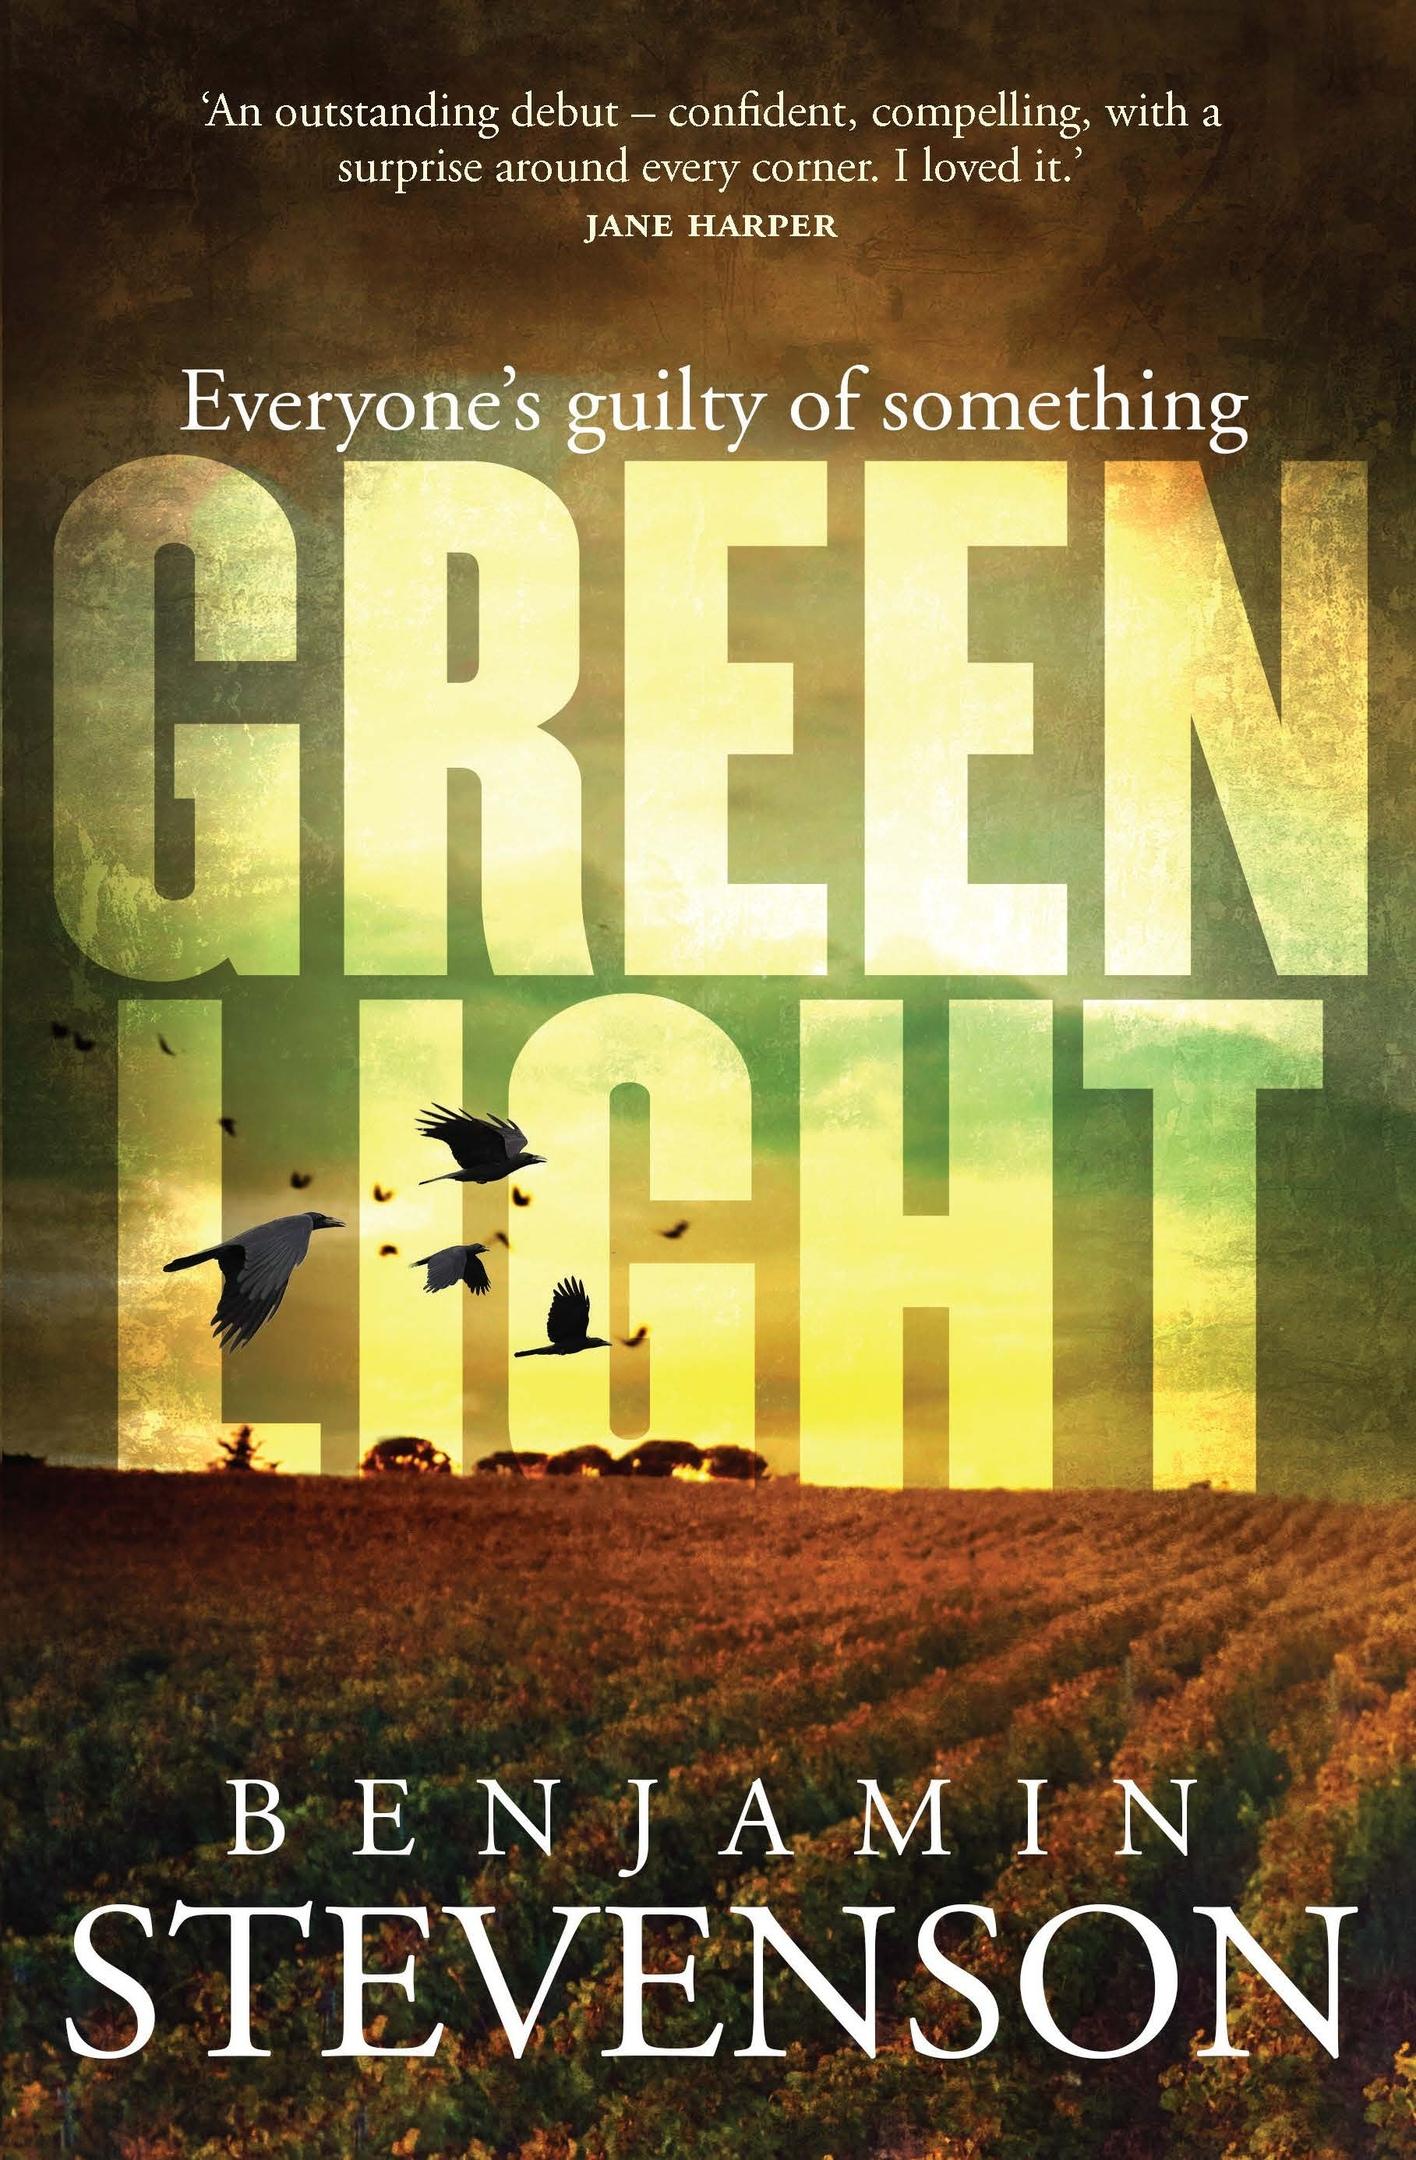 Benjamin Stevenson – Greenlight